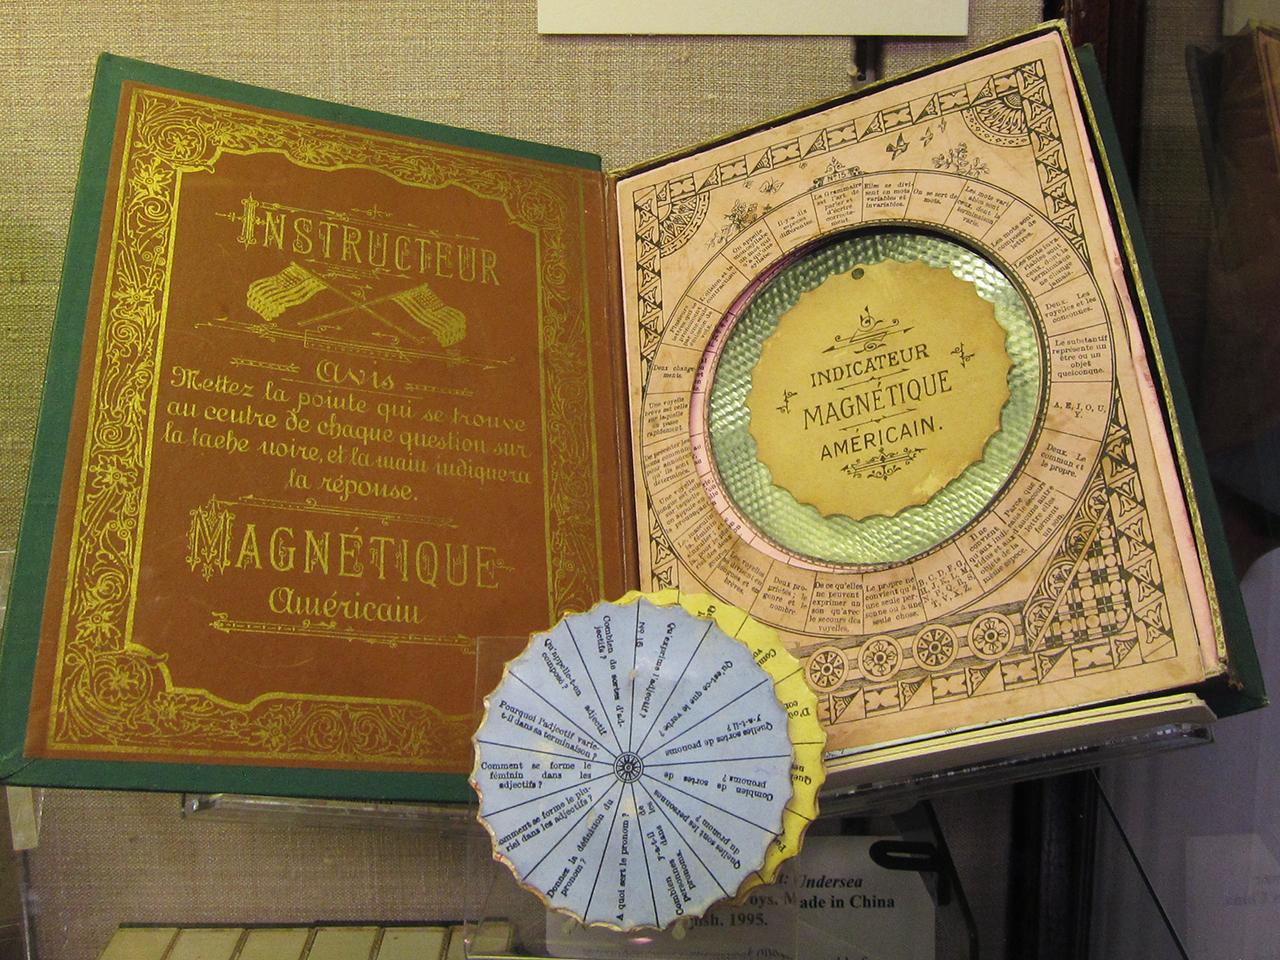 """J. & Company, """"Instructeur Magnétique Américain. Grammaire"""" (c. 1870-90), a French educational grammar game"""